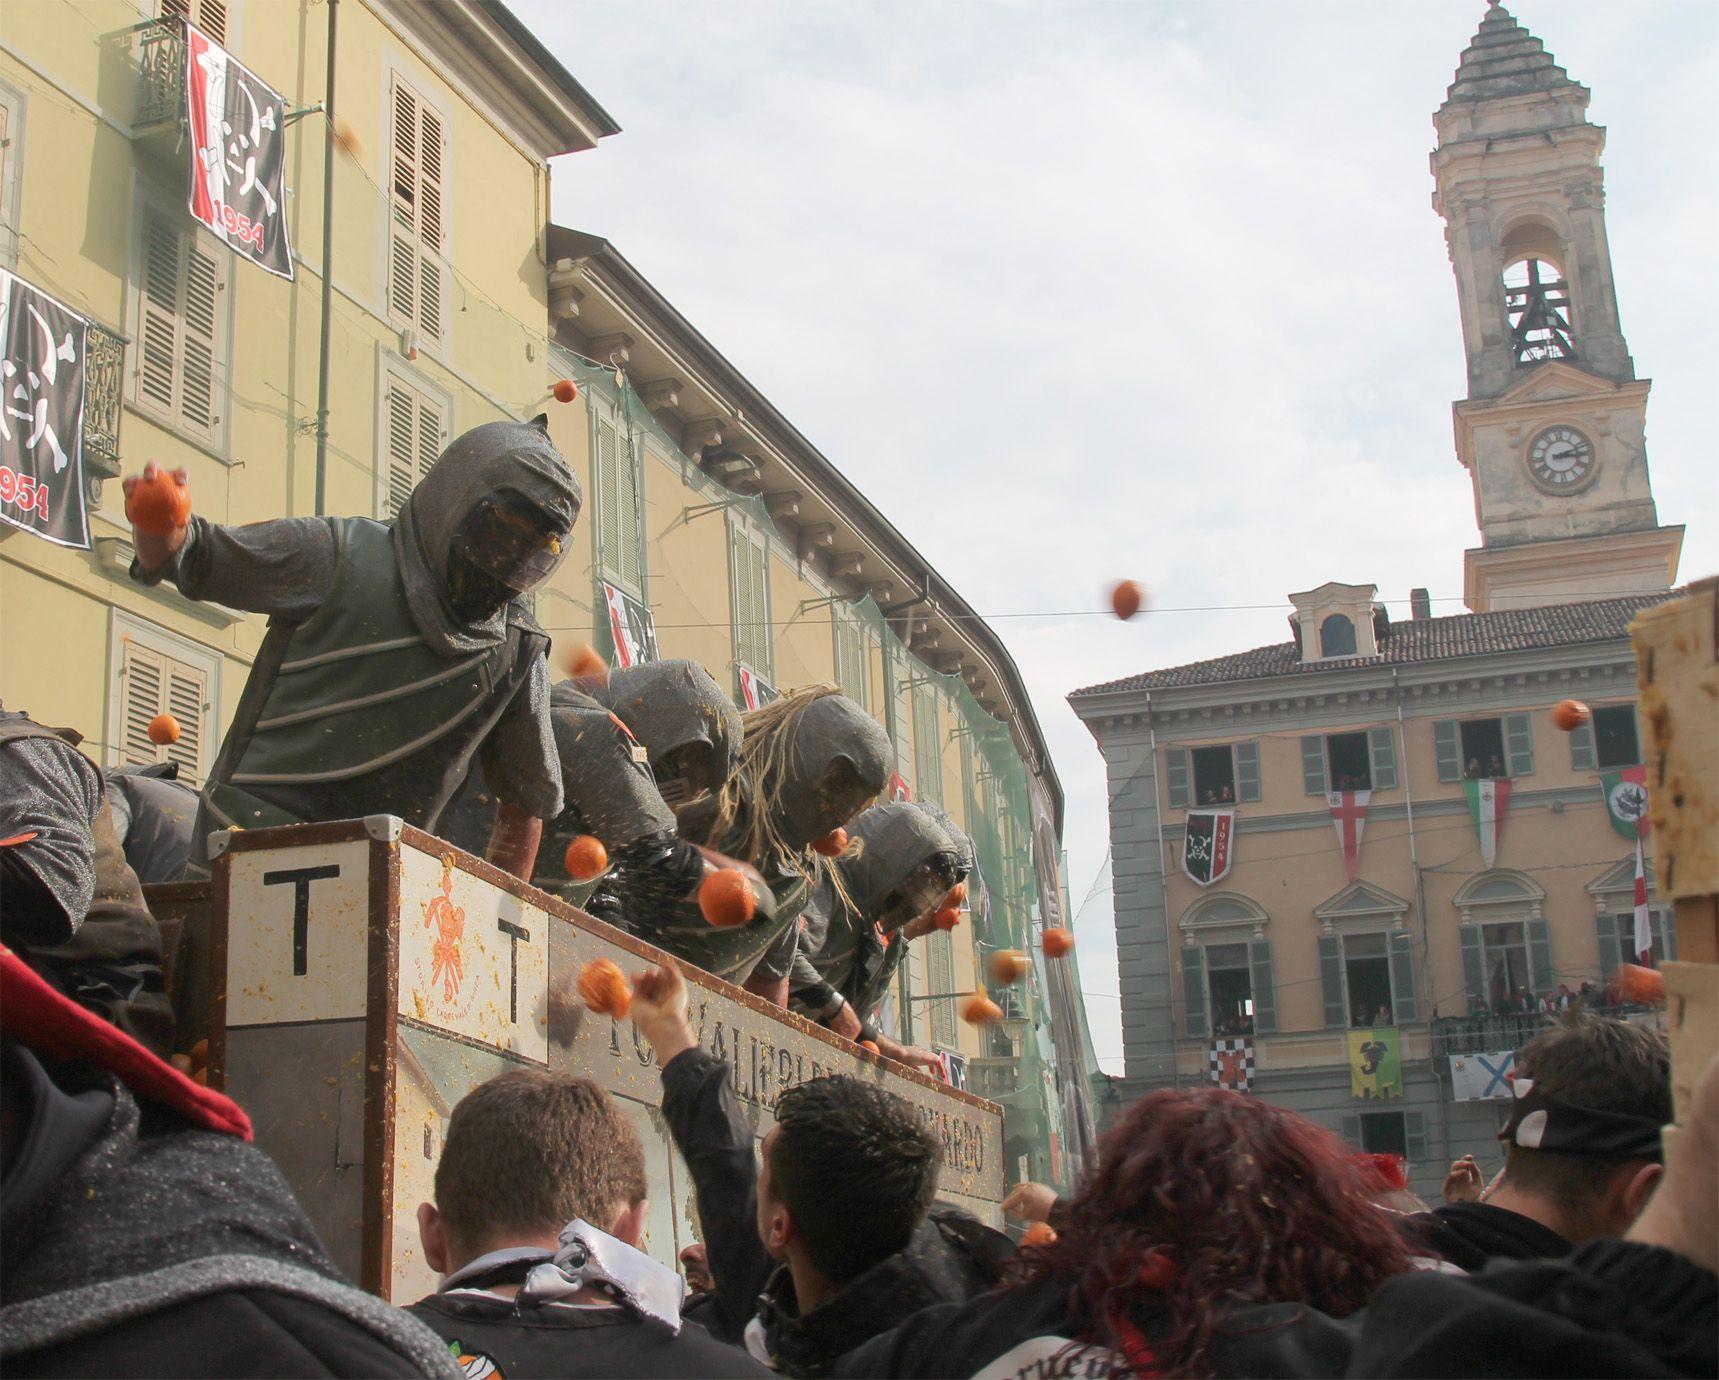 STORICO CARNEVALE IVREA - La battaglia delle arance si chiude con 571 contusi, in aumento rispetto al 2018